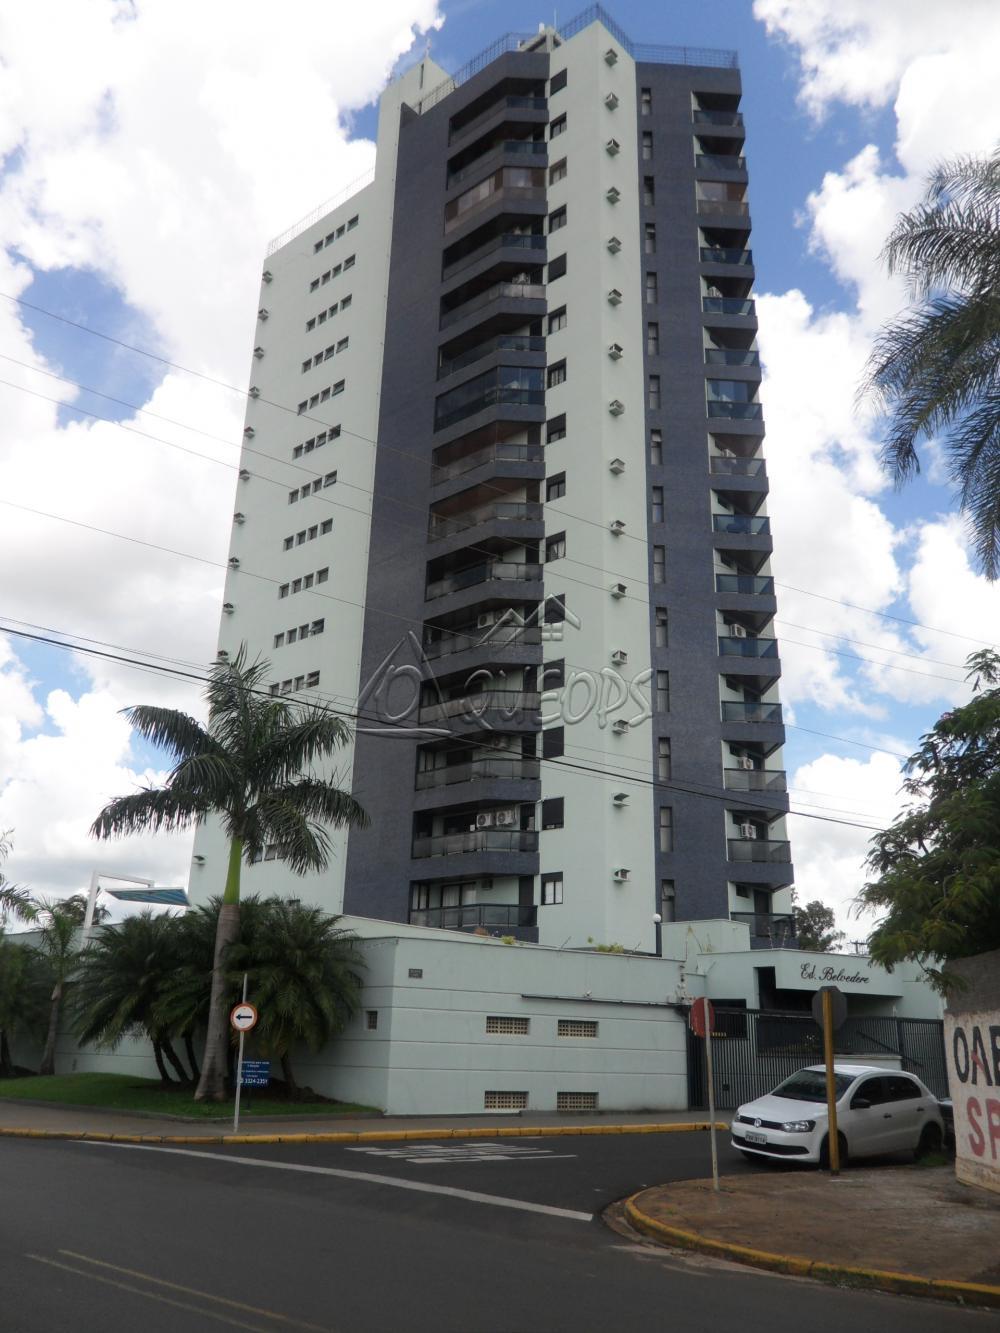 Comprar Apartamento / Padrão em Barretos apenas R$ 520.000,00 - Foto 1